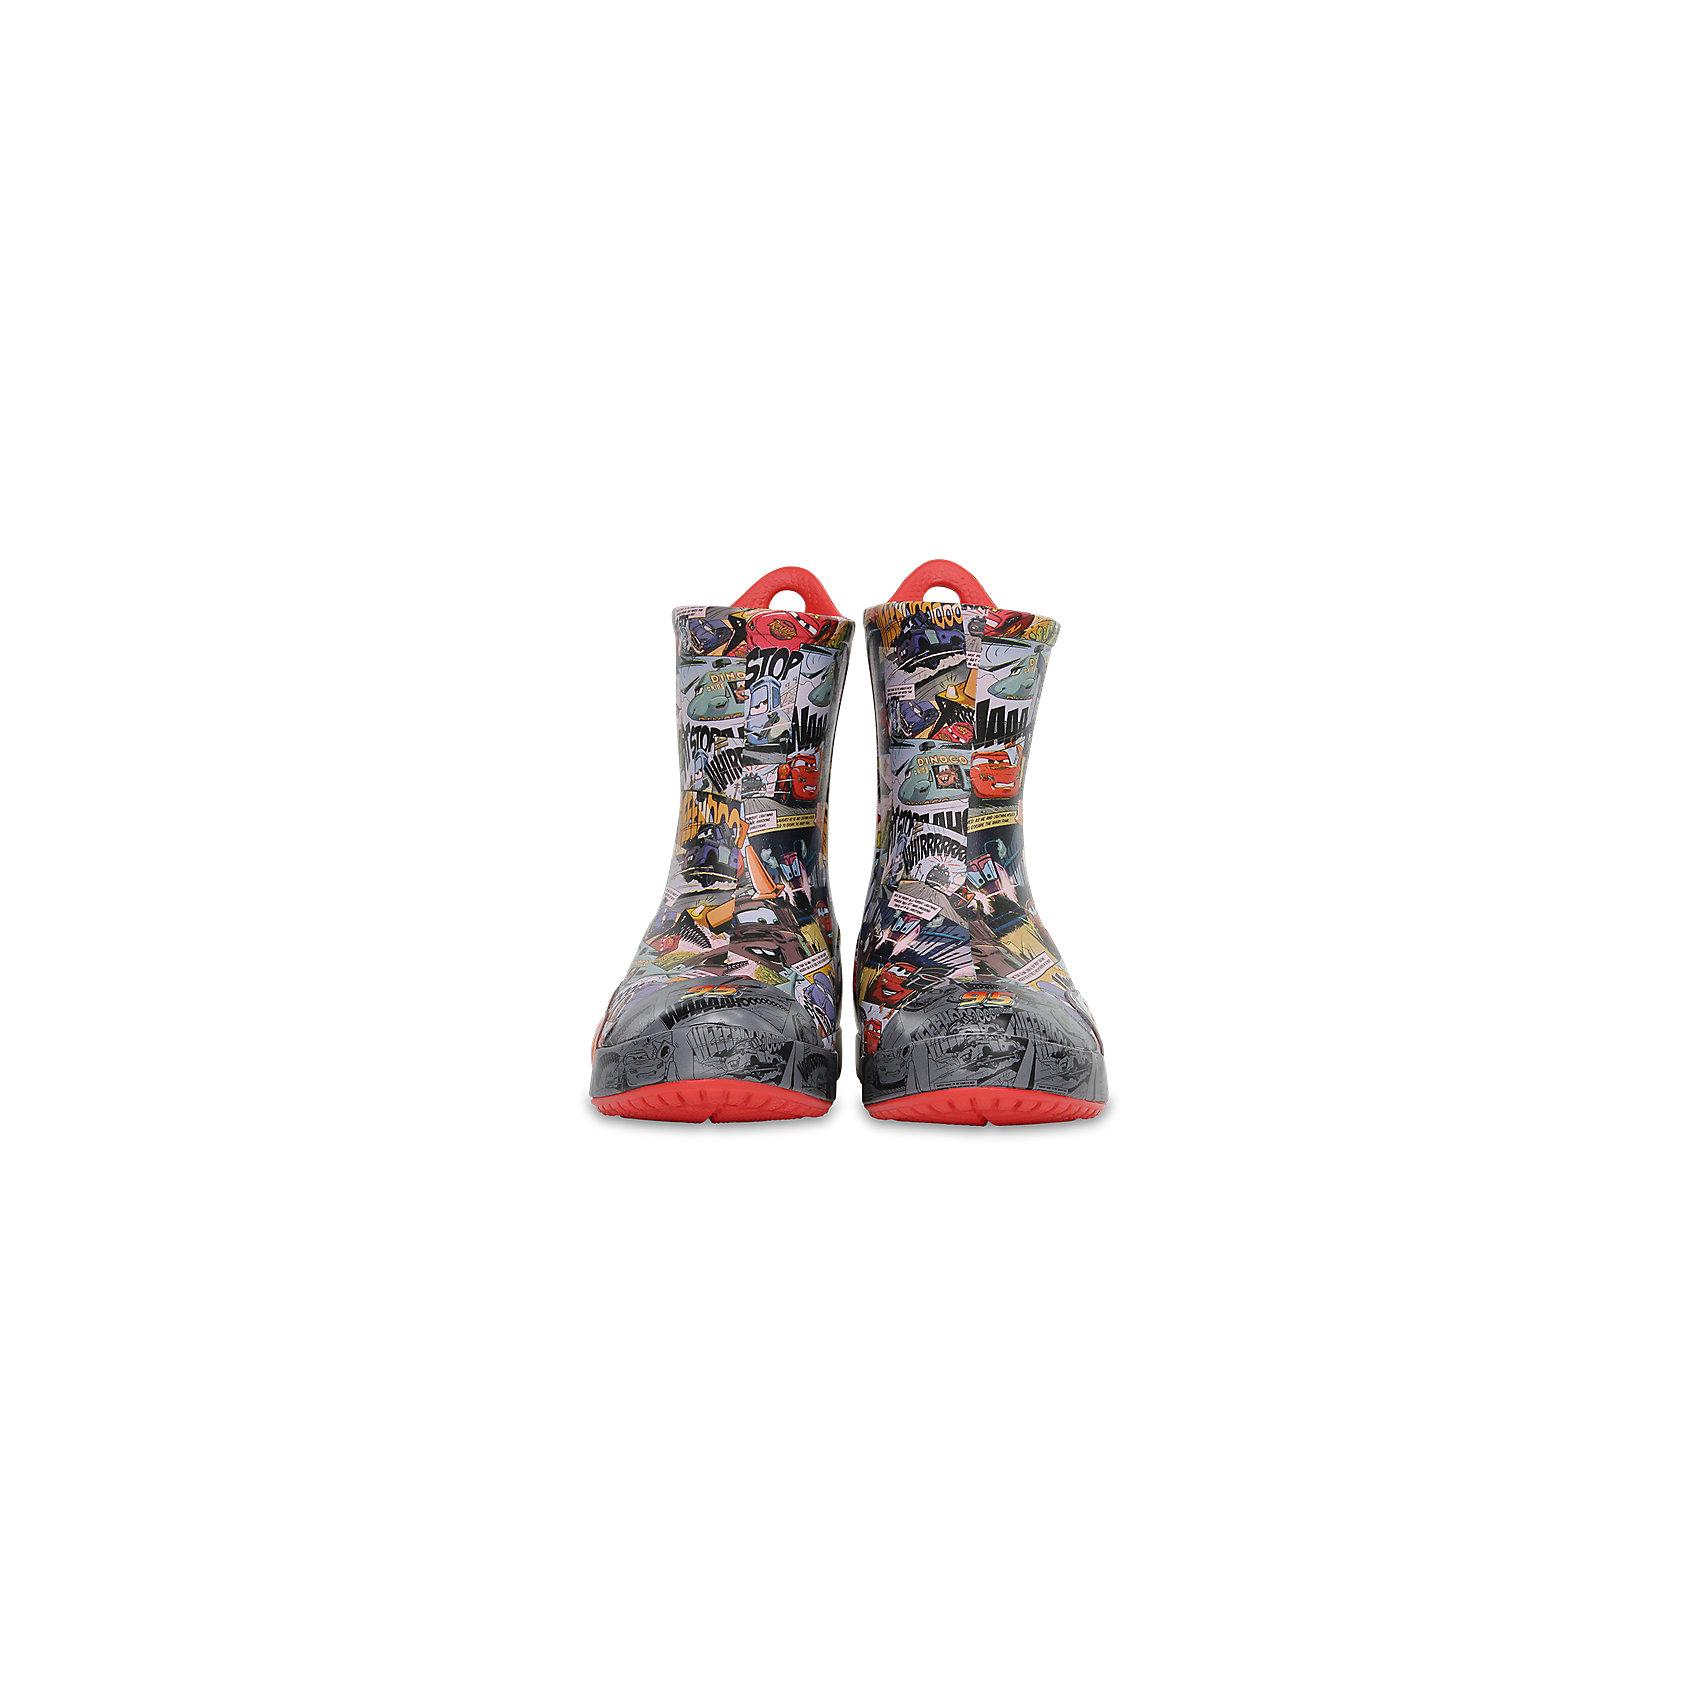 Резиновые сапоги  CROCSПляжная обувь<br>Характеристики товара:<br><br>• цвет: серый<br>• материал: 100% полимер Croslite™<br>• непромокаемые<br>• температурный режим: от 0° до +20° С<br>• легко очищаются<br>• антискользящая подошва<br>• язычок для удобного надевания<br>• толстая устойчивая подошва<br>• страна бренда: США<br>• страна изготовитель: Китай<br><br>Сапоги могут быть и стильными, и непромокаемыми! Для детской обуви крайне важно, чтобы она была удобной. Такие сапоги обеспечивают детям необходимый комфорт, а надежный материал не пропускает внутрь воду. Сапоги легко надеваются и снимаются, отлично сидят на ноге. Материал, из которого они сделаны, не дает размножаться бактериям, поэтому такая обувь препятствует образованию неприятного запаха и появлению болезней стоп. Данная модель особенно понравится детям - ведь в них можно бегать по лужам!<br>Обувь от американского бренда Crocs в данный момент завоевала широкую популярность во всем мире, и это не удивительно - ведь она невероятно удобна. Её носят врачи, спортсмены, звёзды шоу-бизнеса, люди, которым много времени приходится бывать на ногах - они понимают, как важна комфортная обувь. Продукция Crocs - это качественные товары, созданные с применением новейших технологий. Обувь отличается стильным дизайном и продуманной конструкцией. Изделие производится из качественных и проверенных материалов, которые безопасны для детей.<br><br>Резиновые сапоги от торговой марки Crocs можно купить в нашем интернет-магазине.<br><br>Ширина мм: 237<br>Глубина мм: 180<br>Высота мм: 152<br>Вес г: 438<br>Цвет: красный<br>Возраст от месяцев: 60<br>Возраст до месяцев: 72<br>Пол: Унисекс<br>Возраст: Детский<br>Размер: 29,30,23,24,25,26,31/32,33/34,34/35,27,28<br>SKU: 5416718